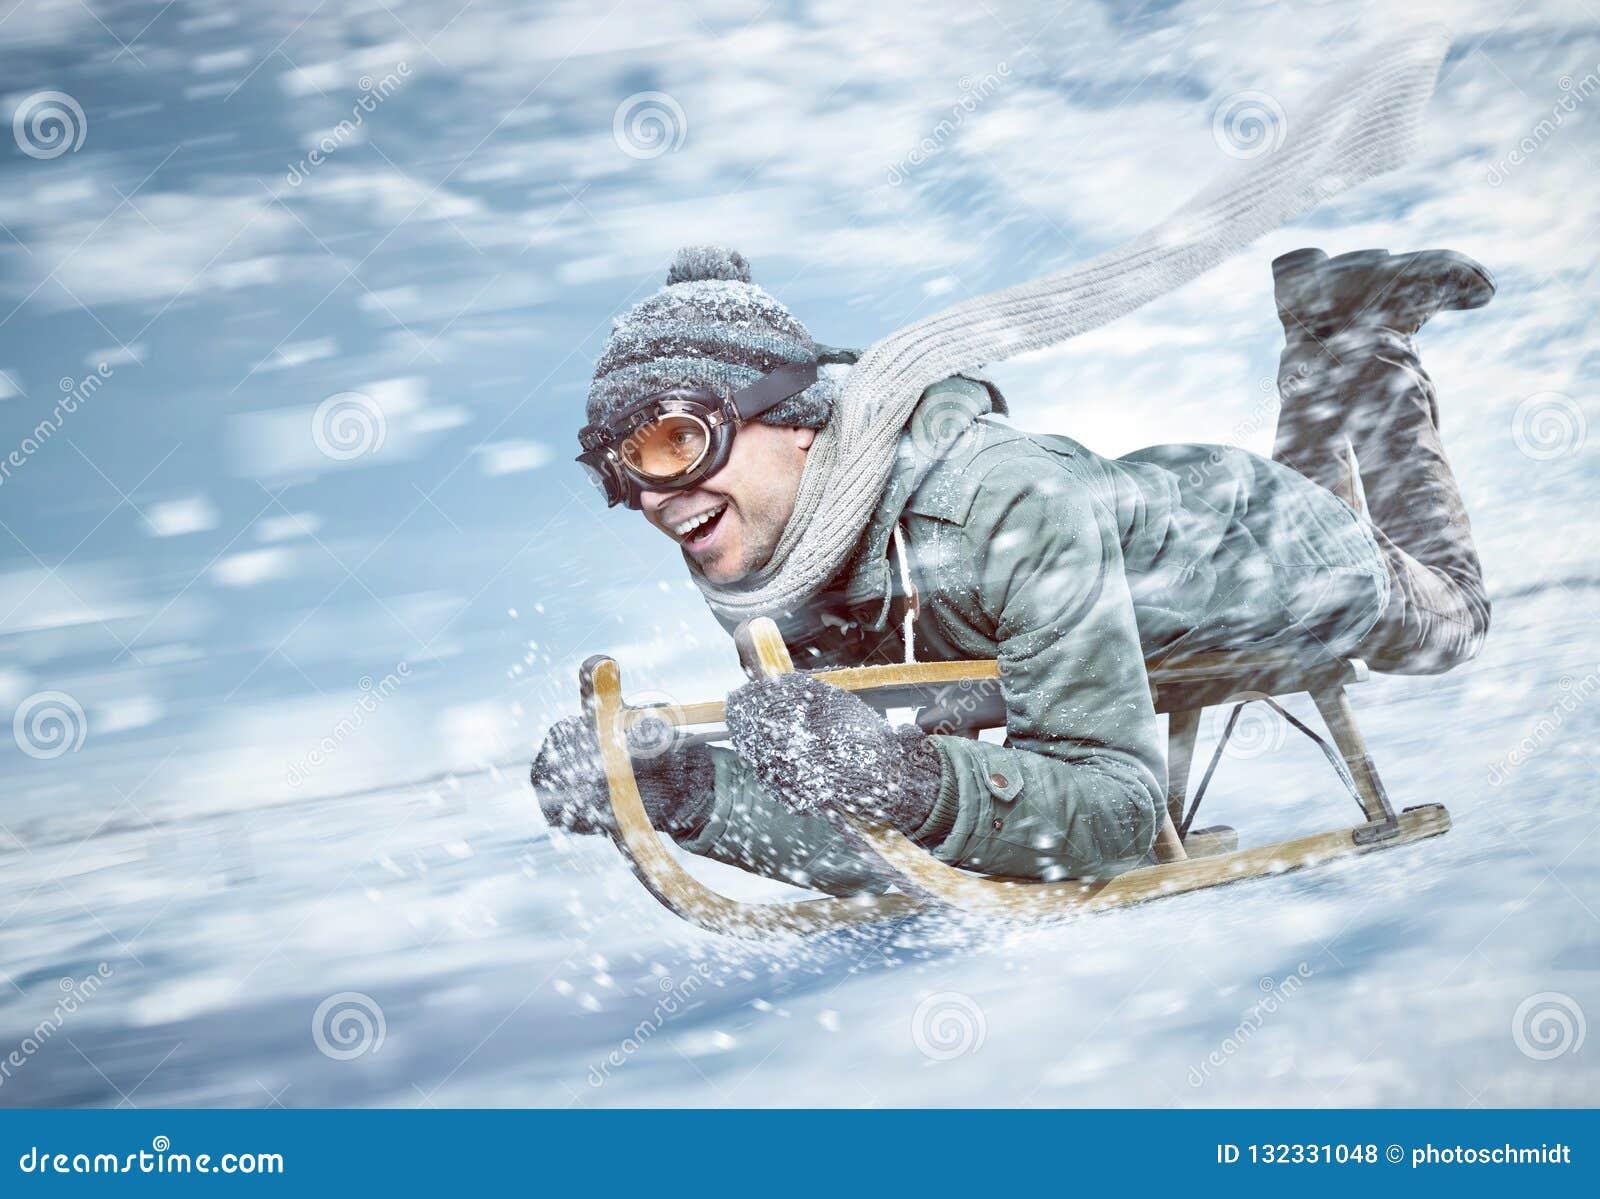 Жизнерадостный человек sledding вниз со снежной скорости наклона полностью